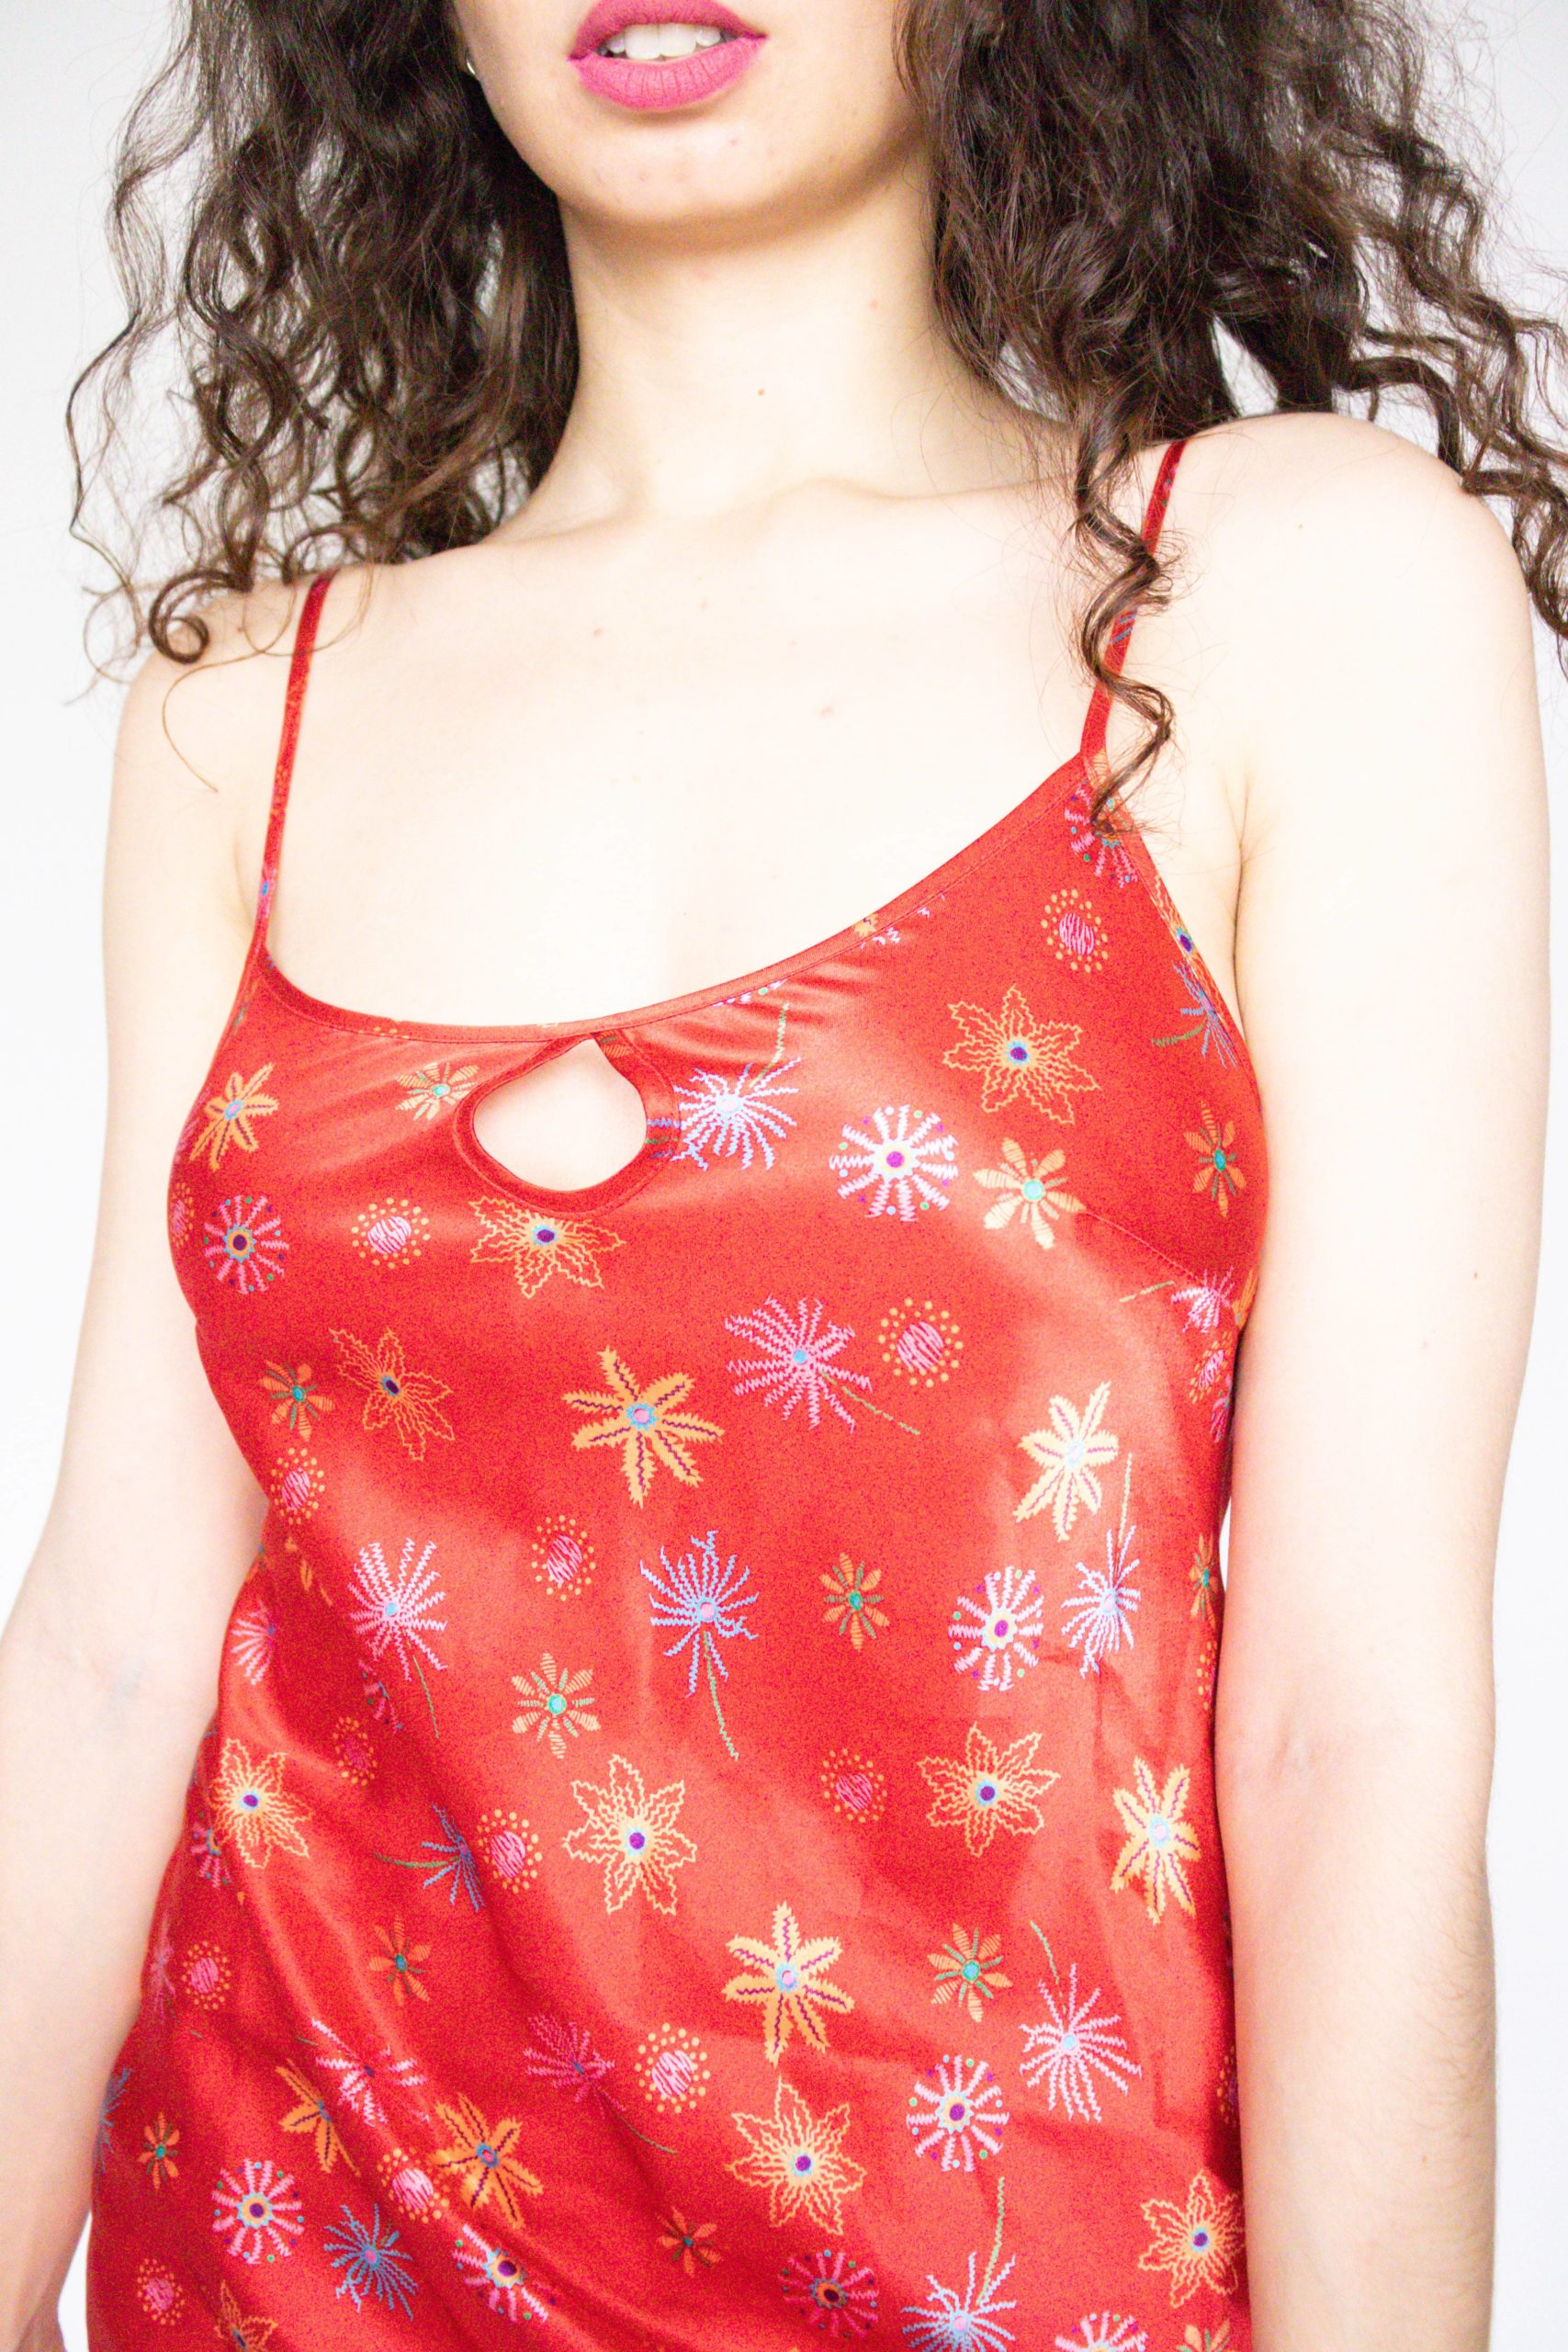 robe nuisette rouge petit décolleté (3)